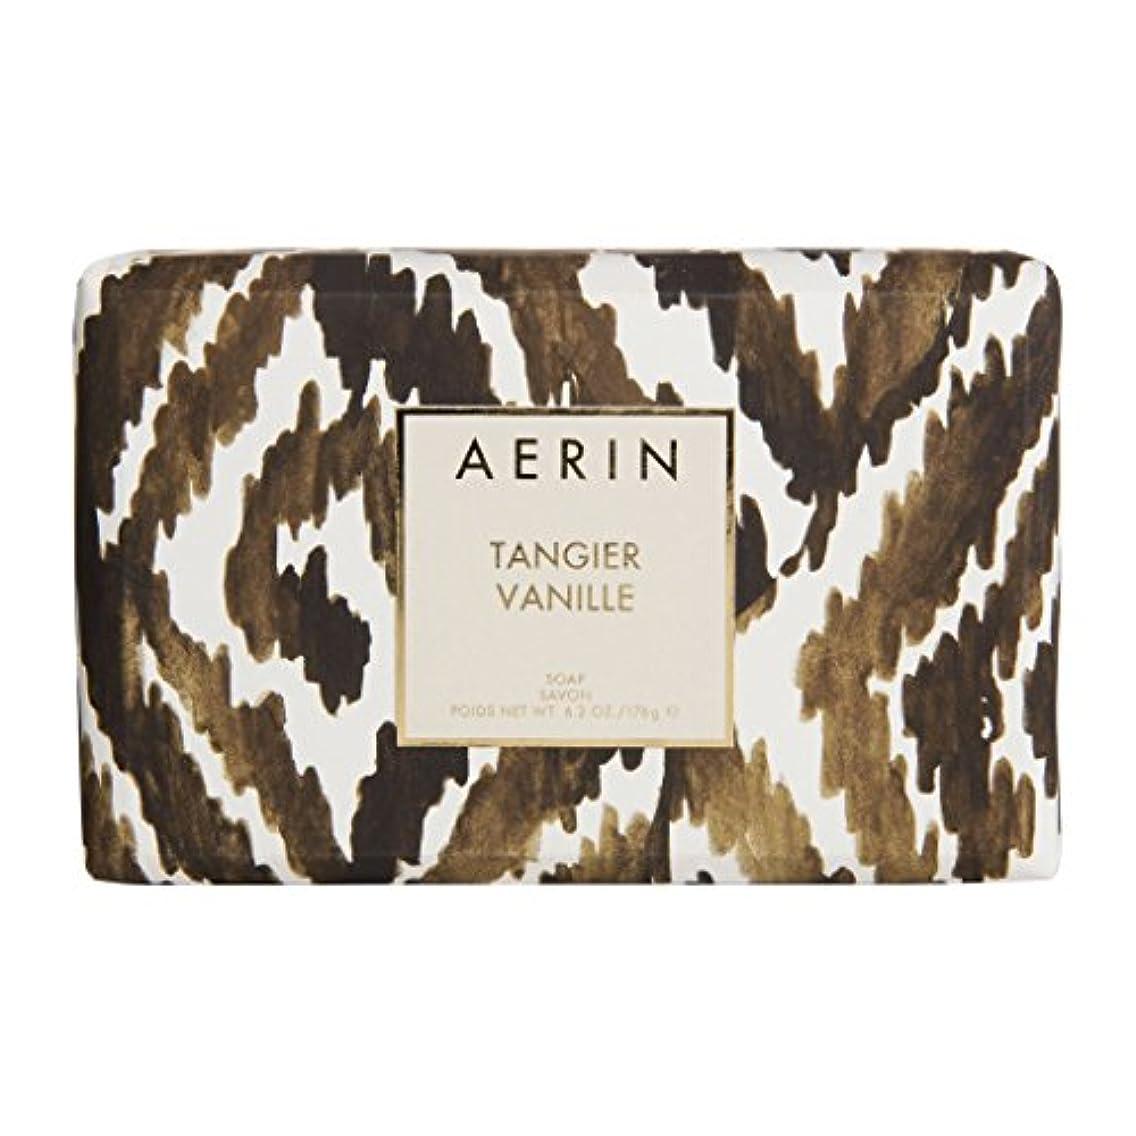 類推計算する数学者AERIN Tangier Vanille (アエリン タンジヤー バニール) 6.2 oz (186ml) Soap 固形石鹸 by Estee Lauder for Women